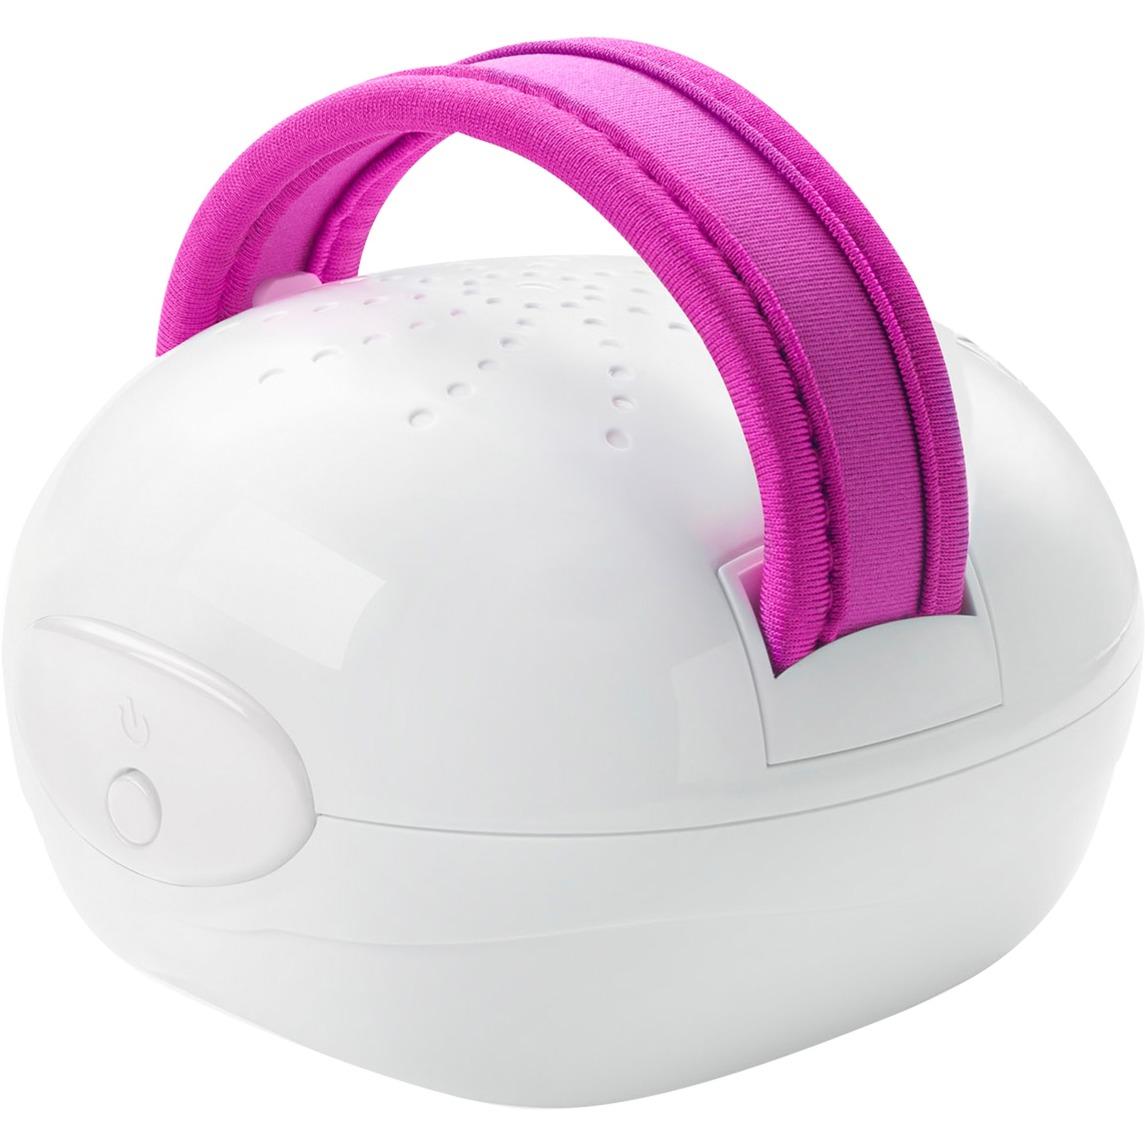 AC 855 Piernas Púrpura, Blanco masajeador, Aparato de masaje